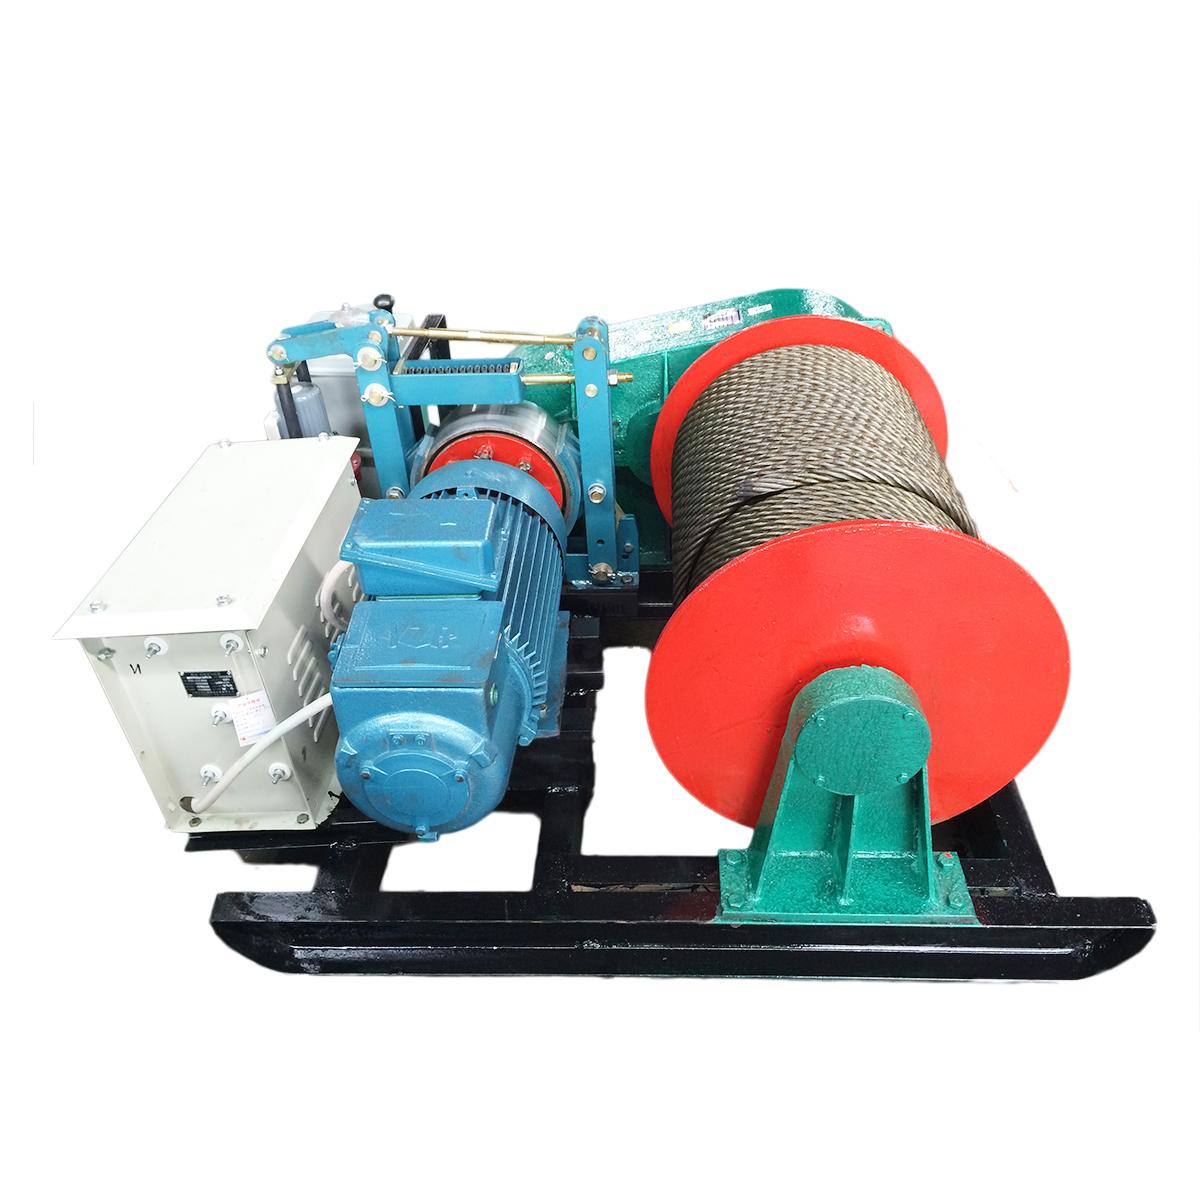 慢速标准6t卷扬机按国标采用15kw起重电机【6t卷扬机参数】